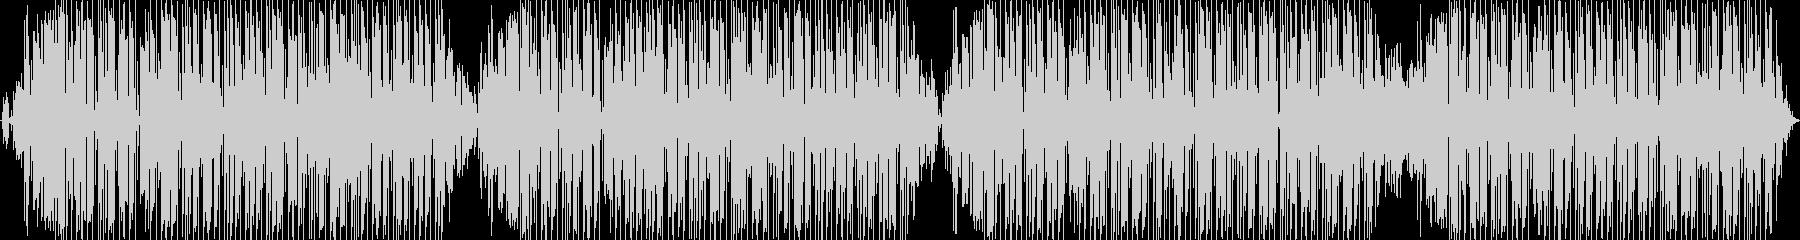 このエレクトロニカダンスチューンは...の未再生の波形